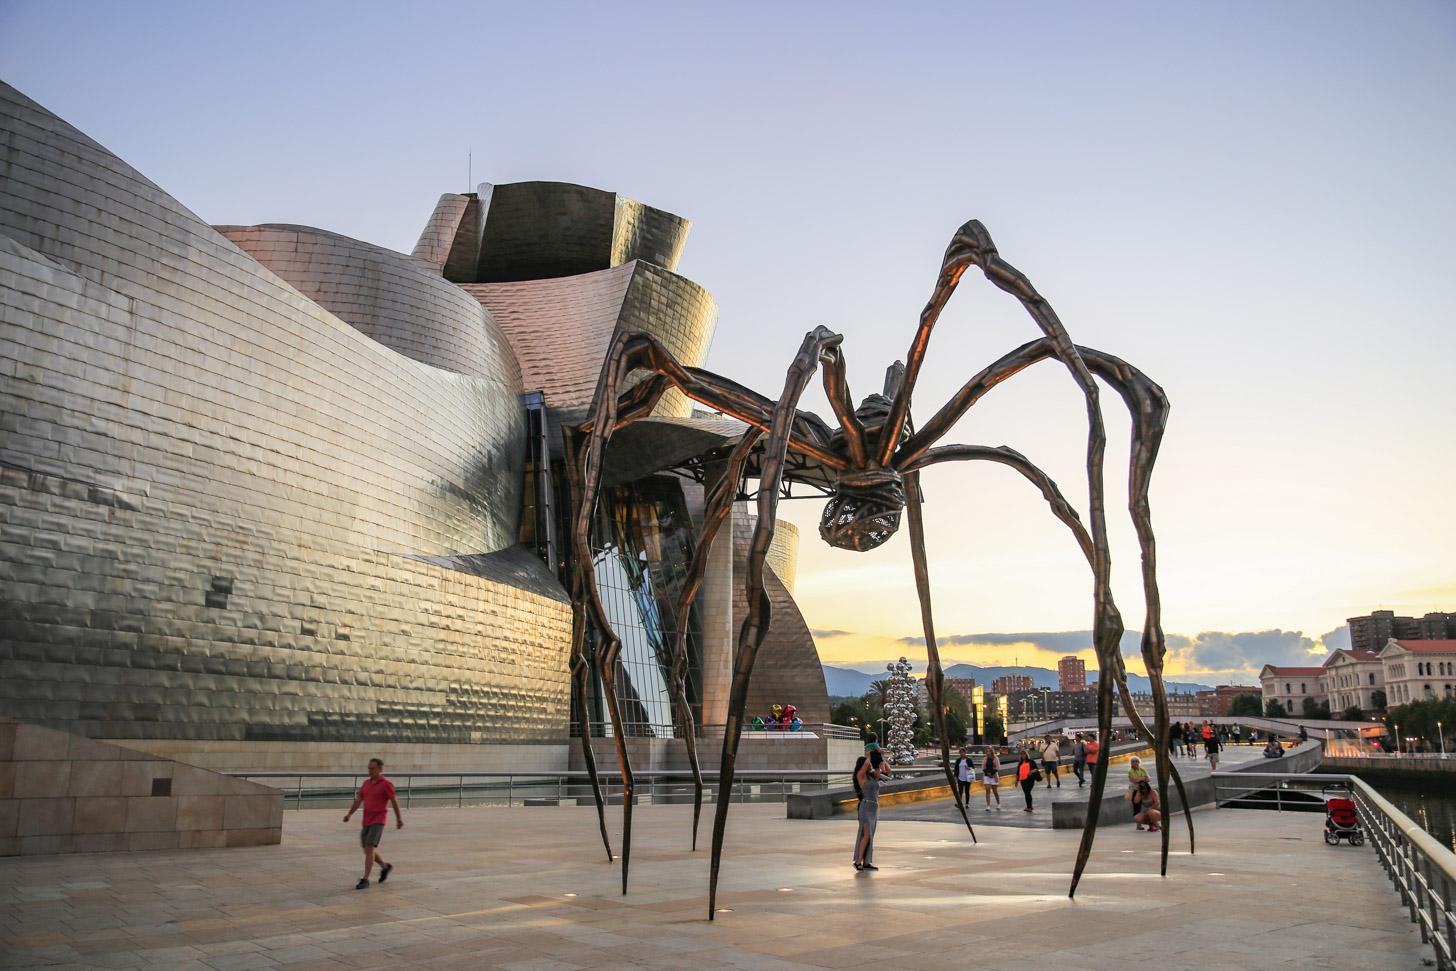 Maman, de spin bij het Guggenheim